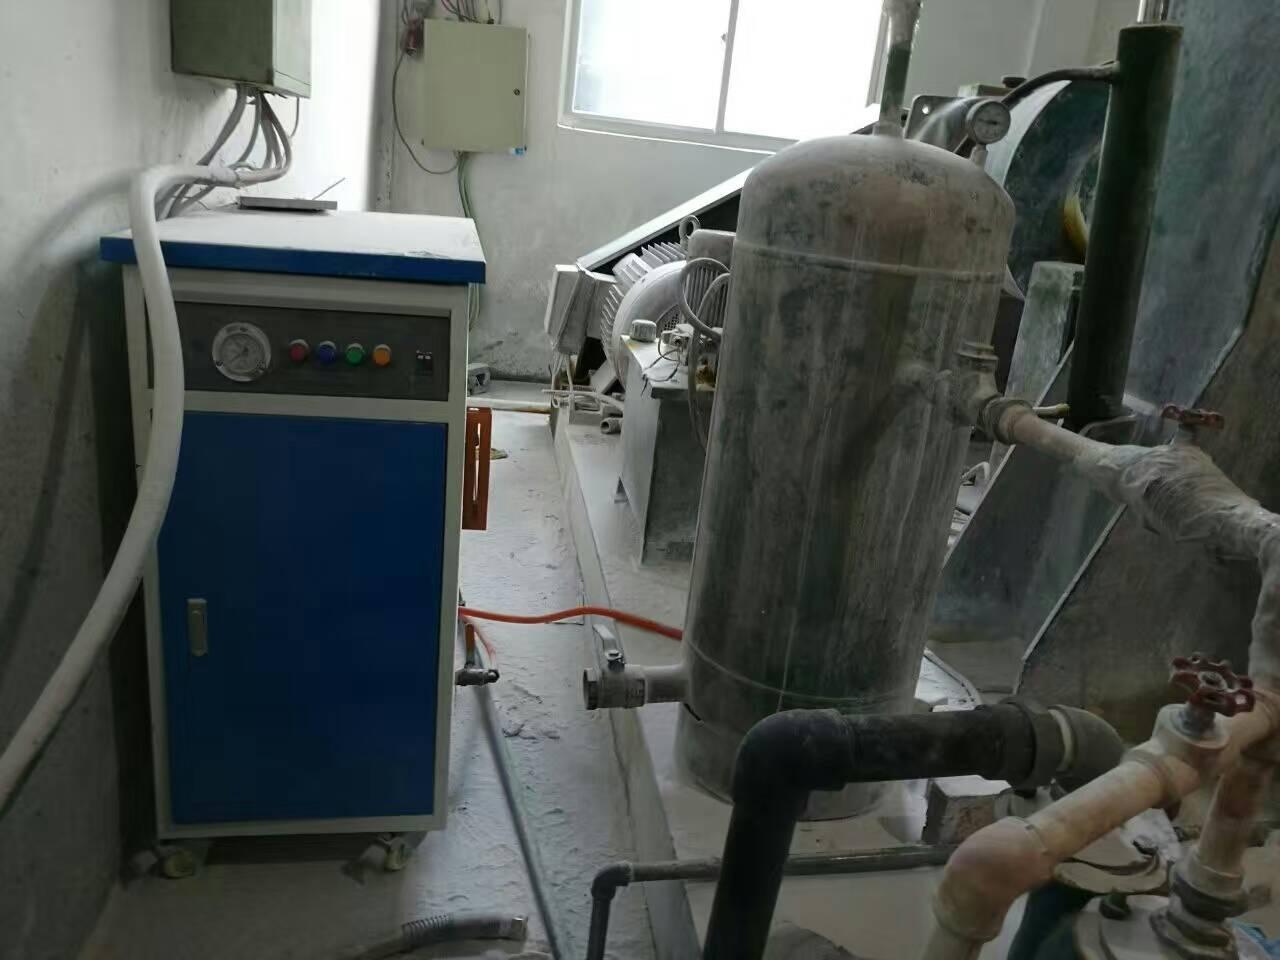 橡胶制品公司购诺贝思电加热蒸汽发生器用于橡胶生产加温